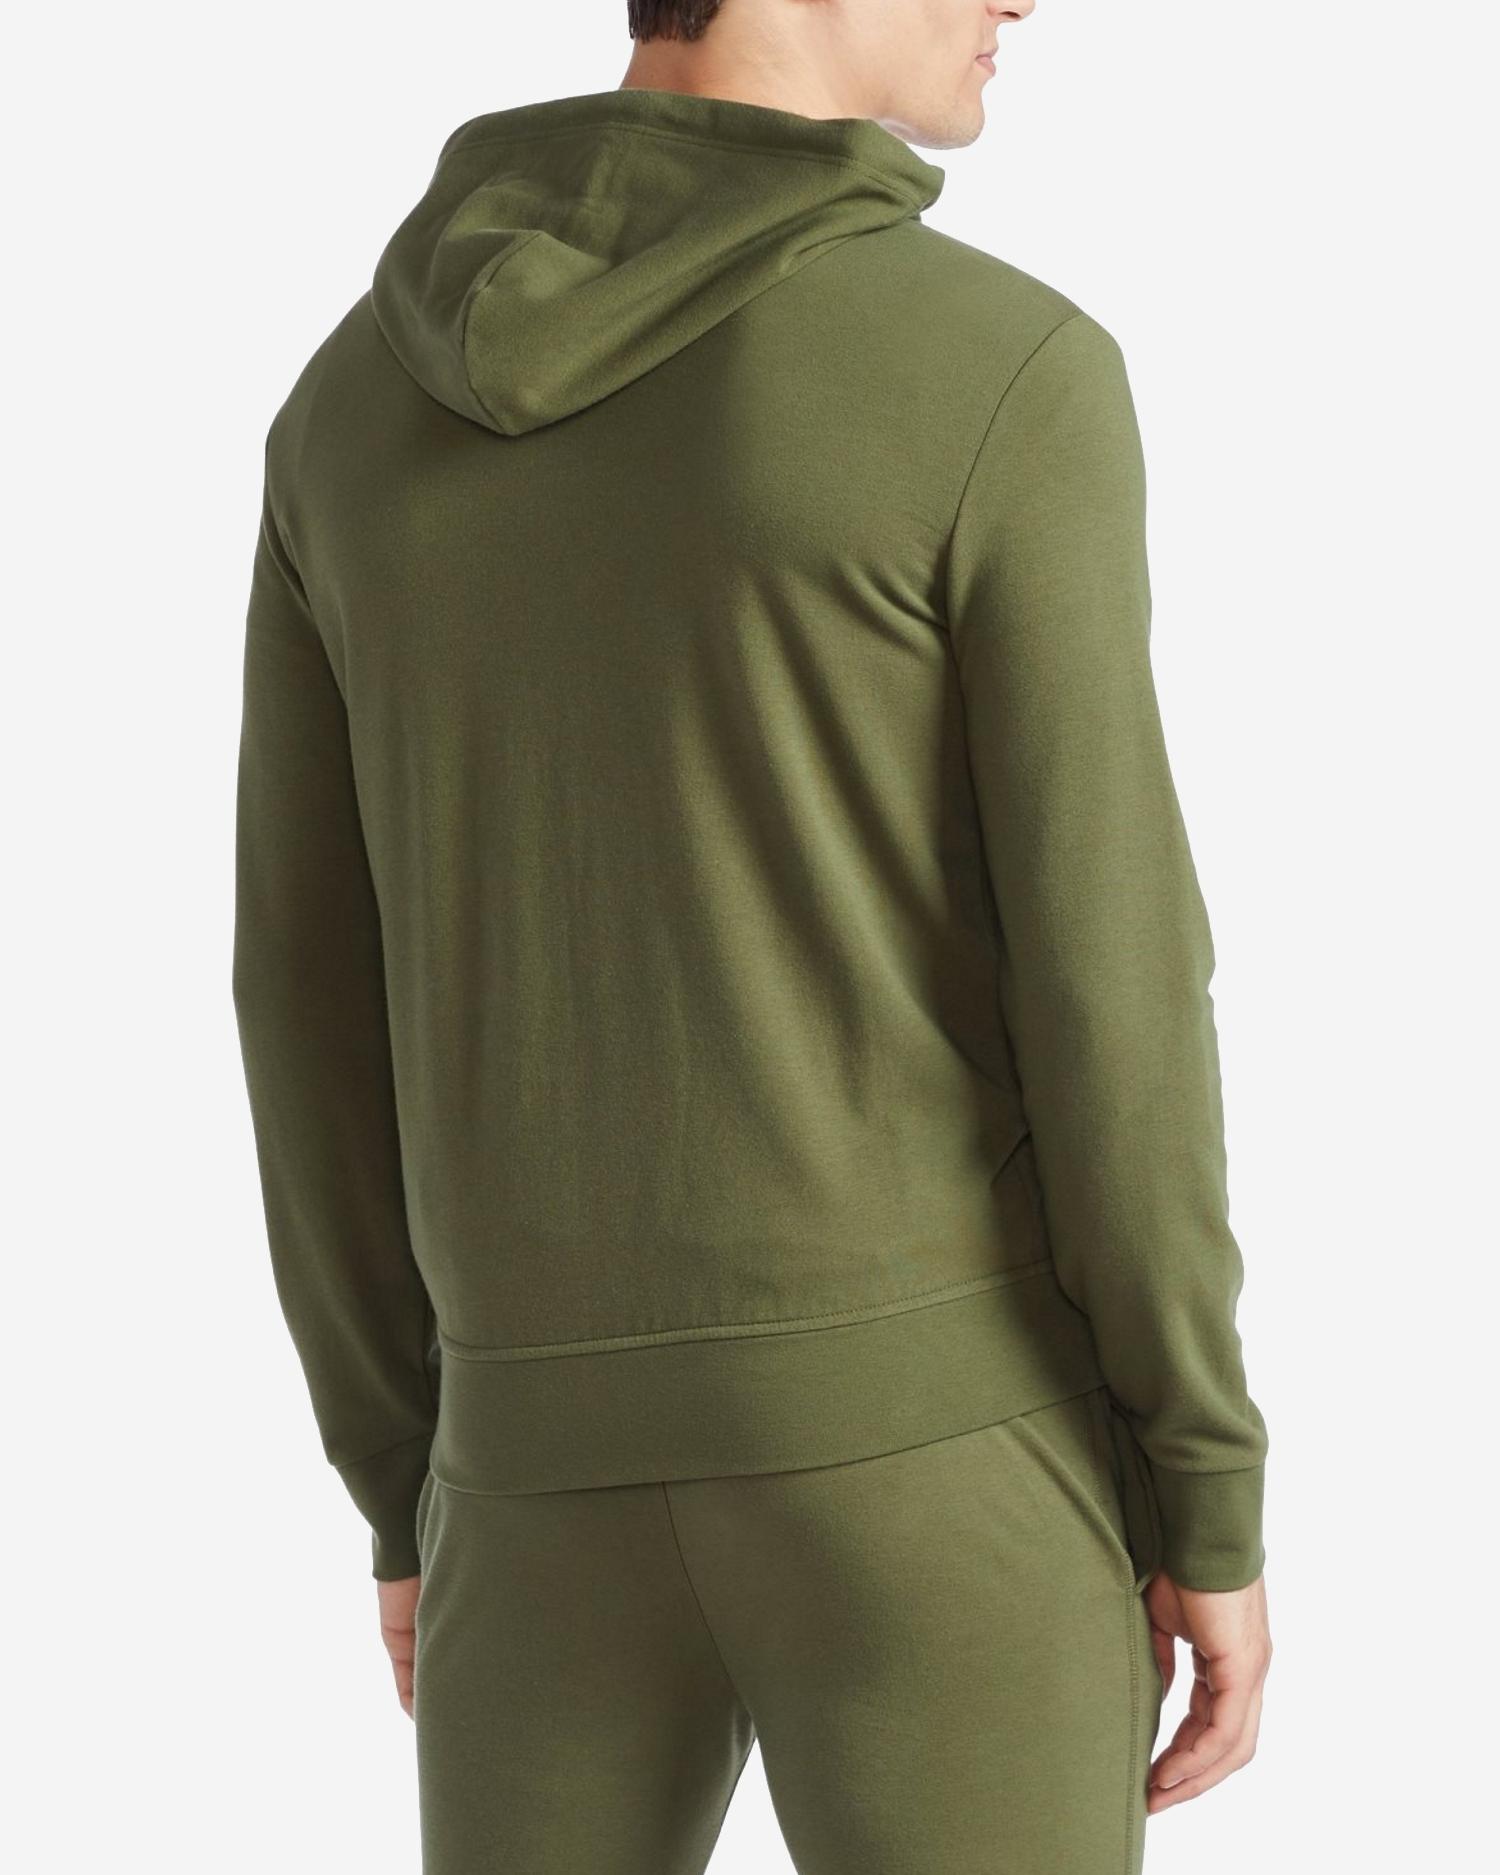 Sweatshirt Zip Polo Ralph Lauren POLO RALPH LAUREN | -108764232 | 714843422001